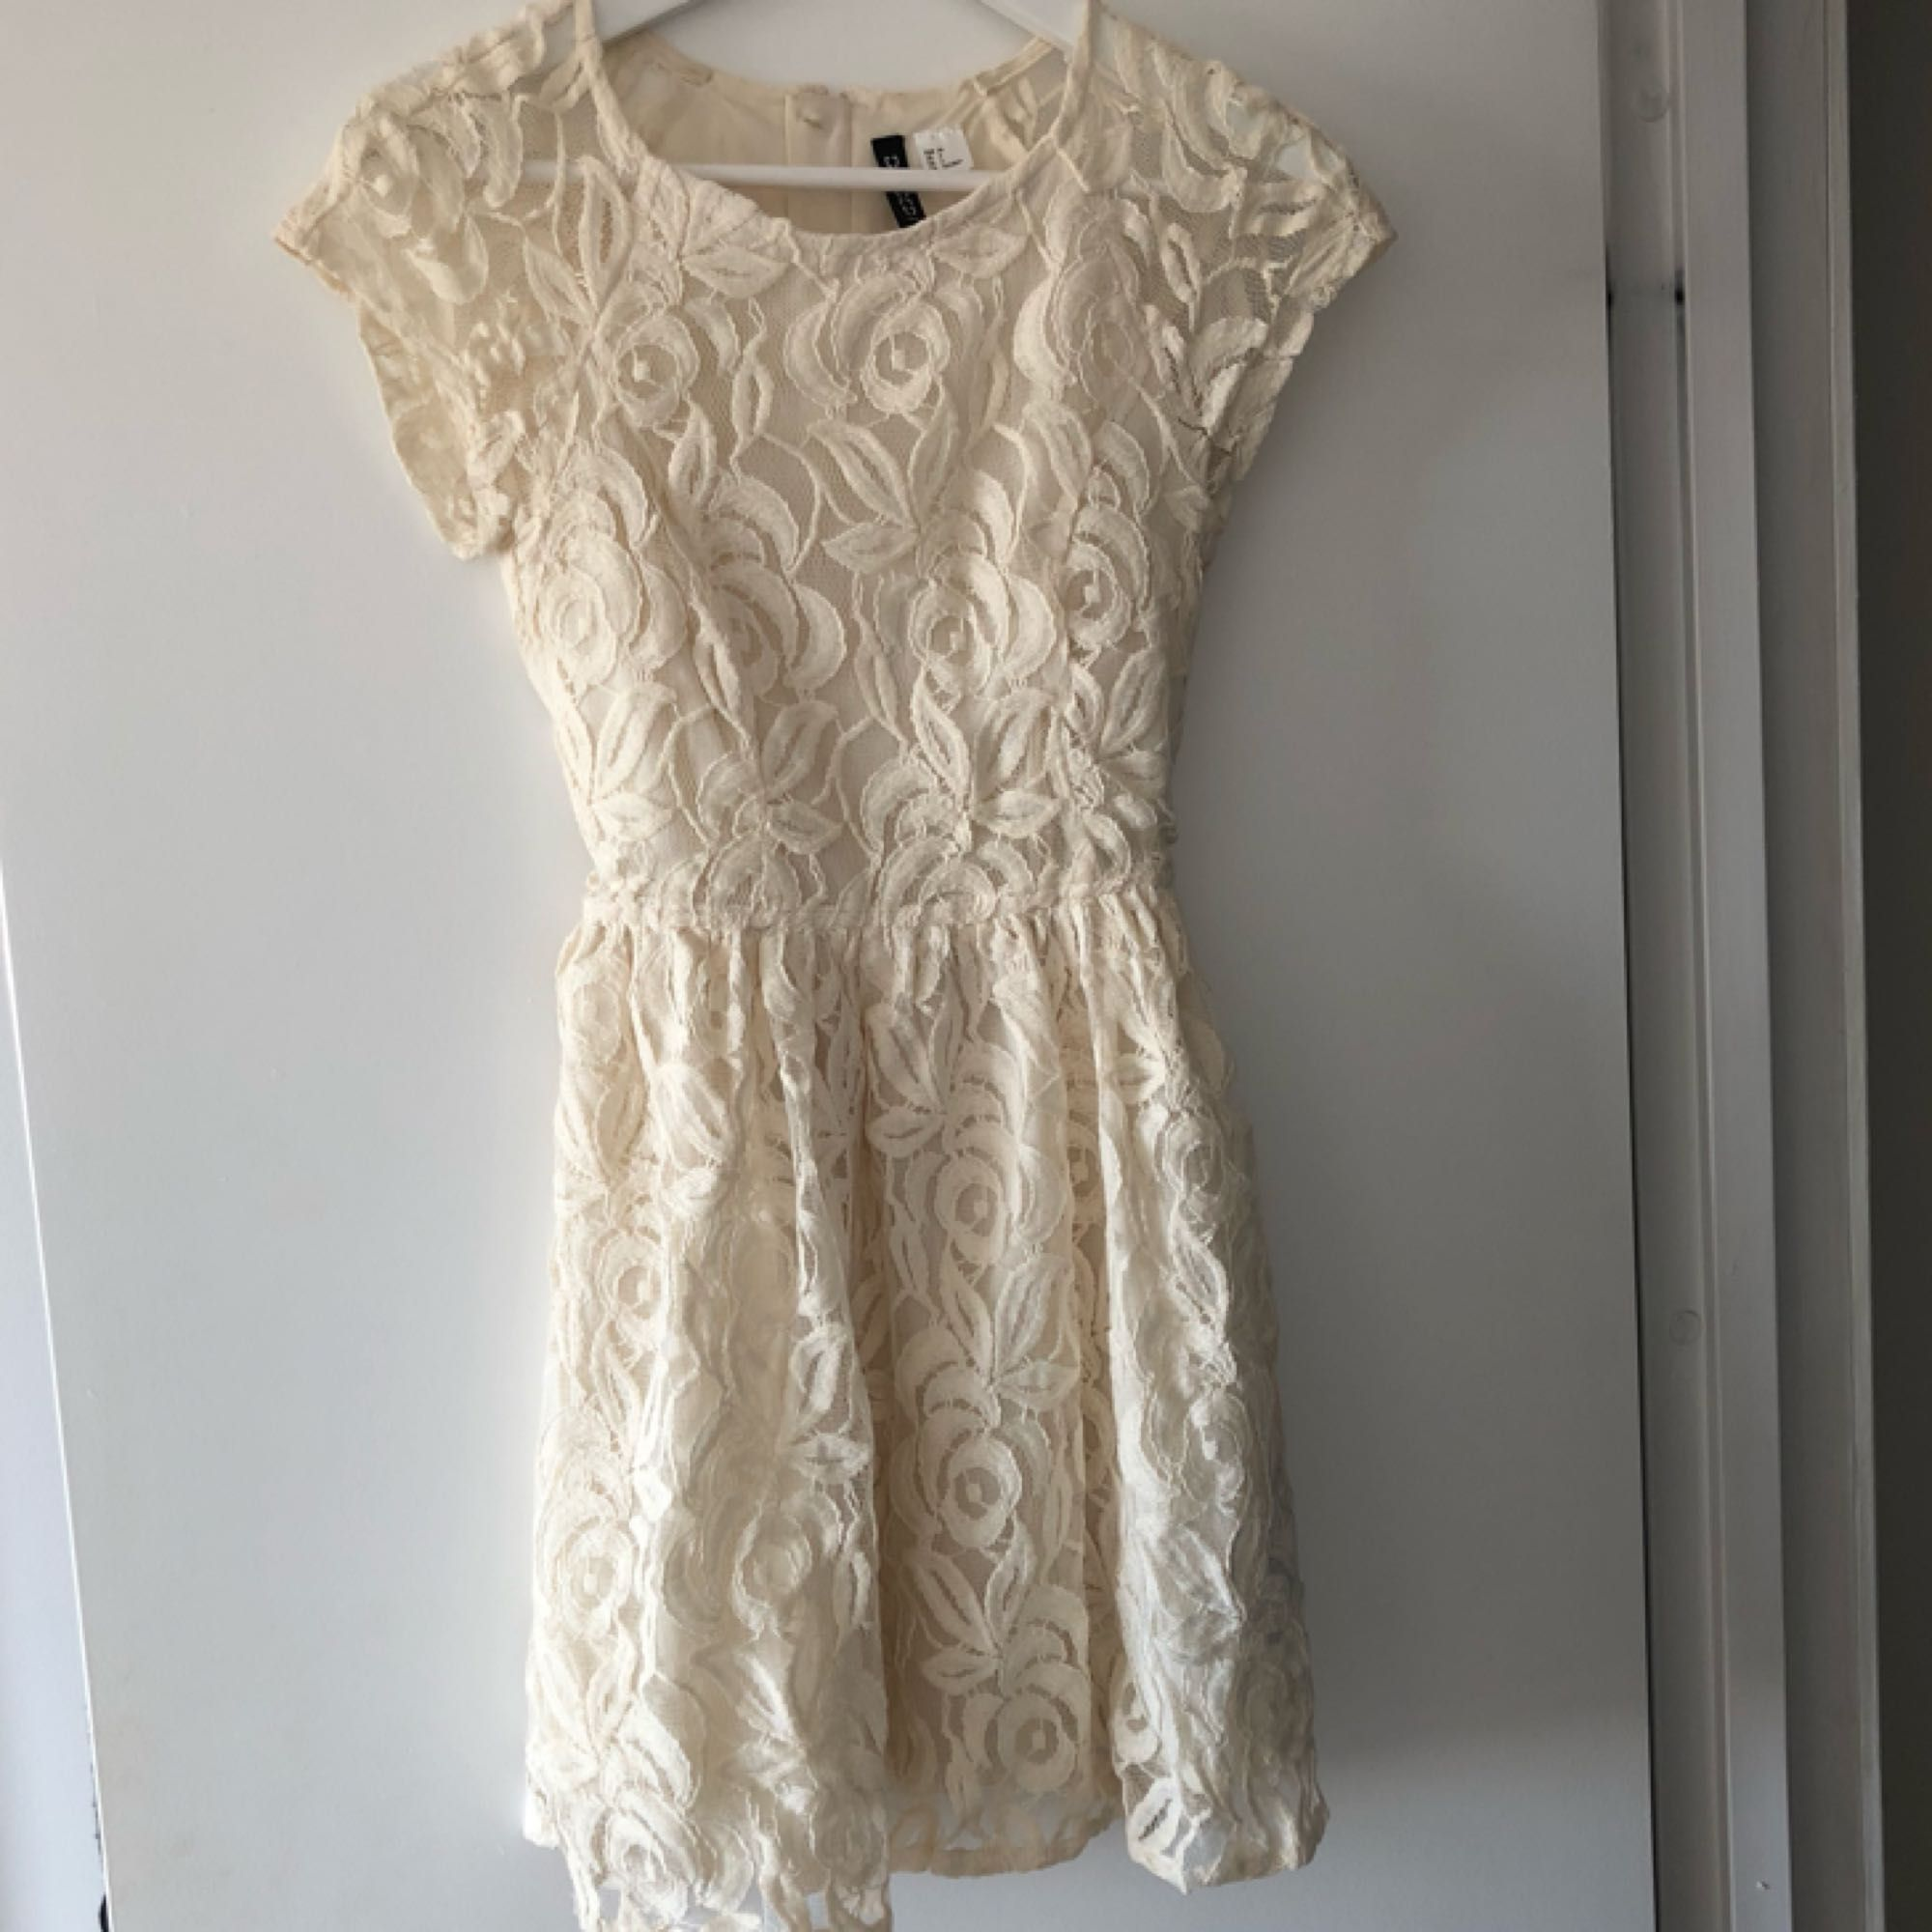 f3fb396d9622 Gräddvit klänning i spets från H&M, perfekt inför studenten exempelvis.